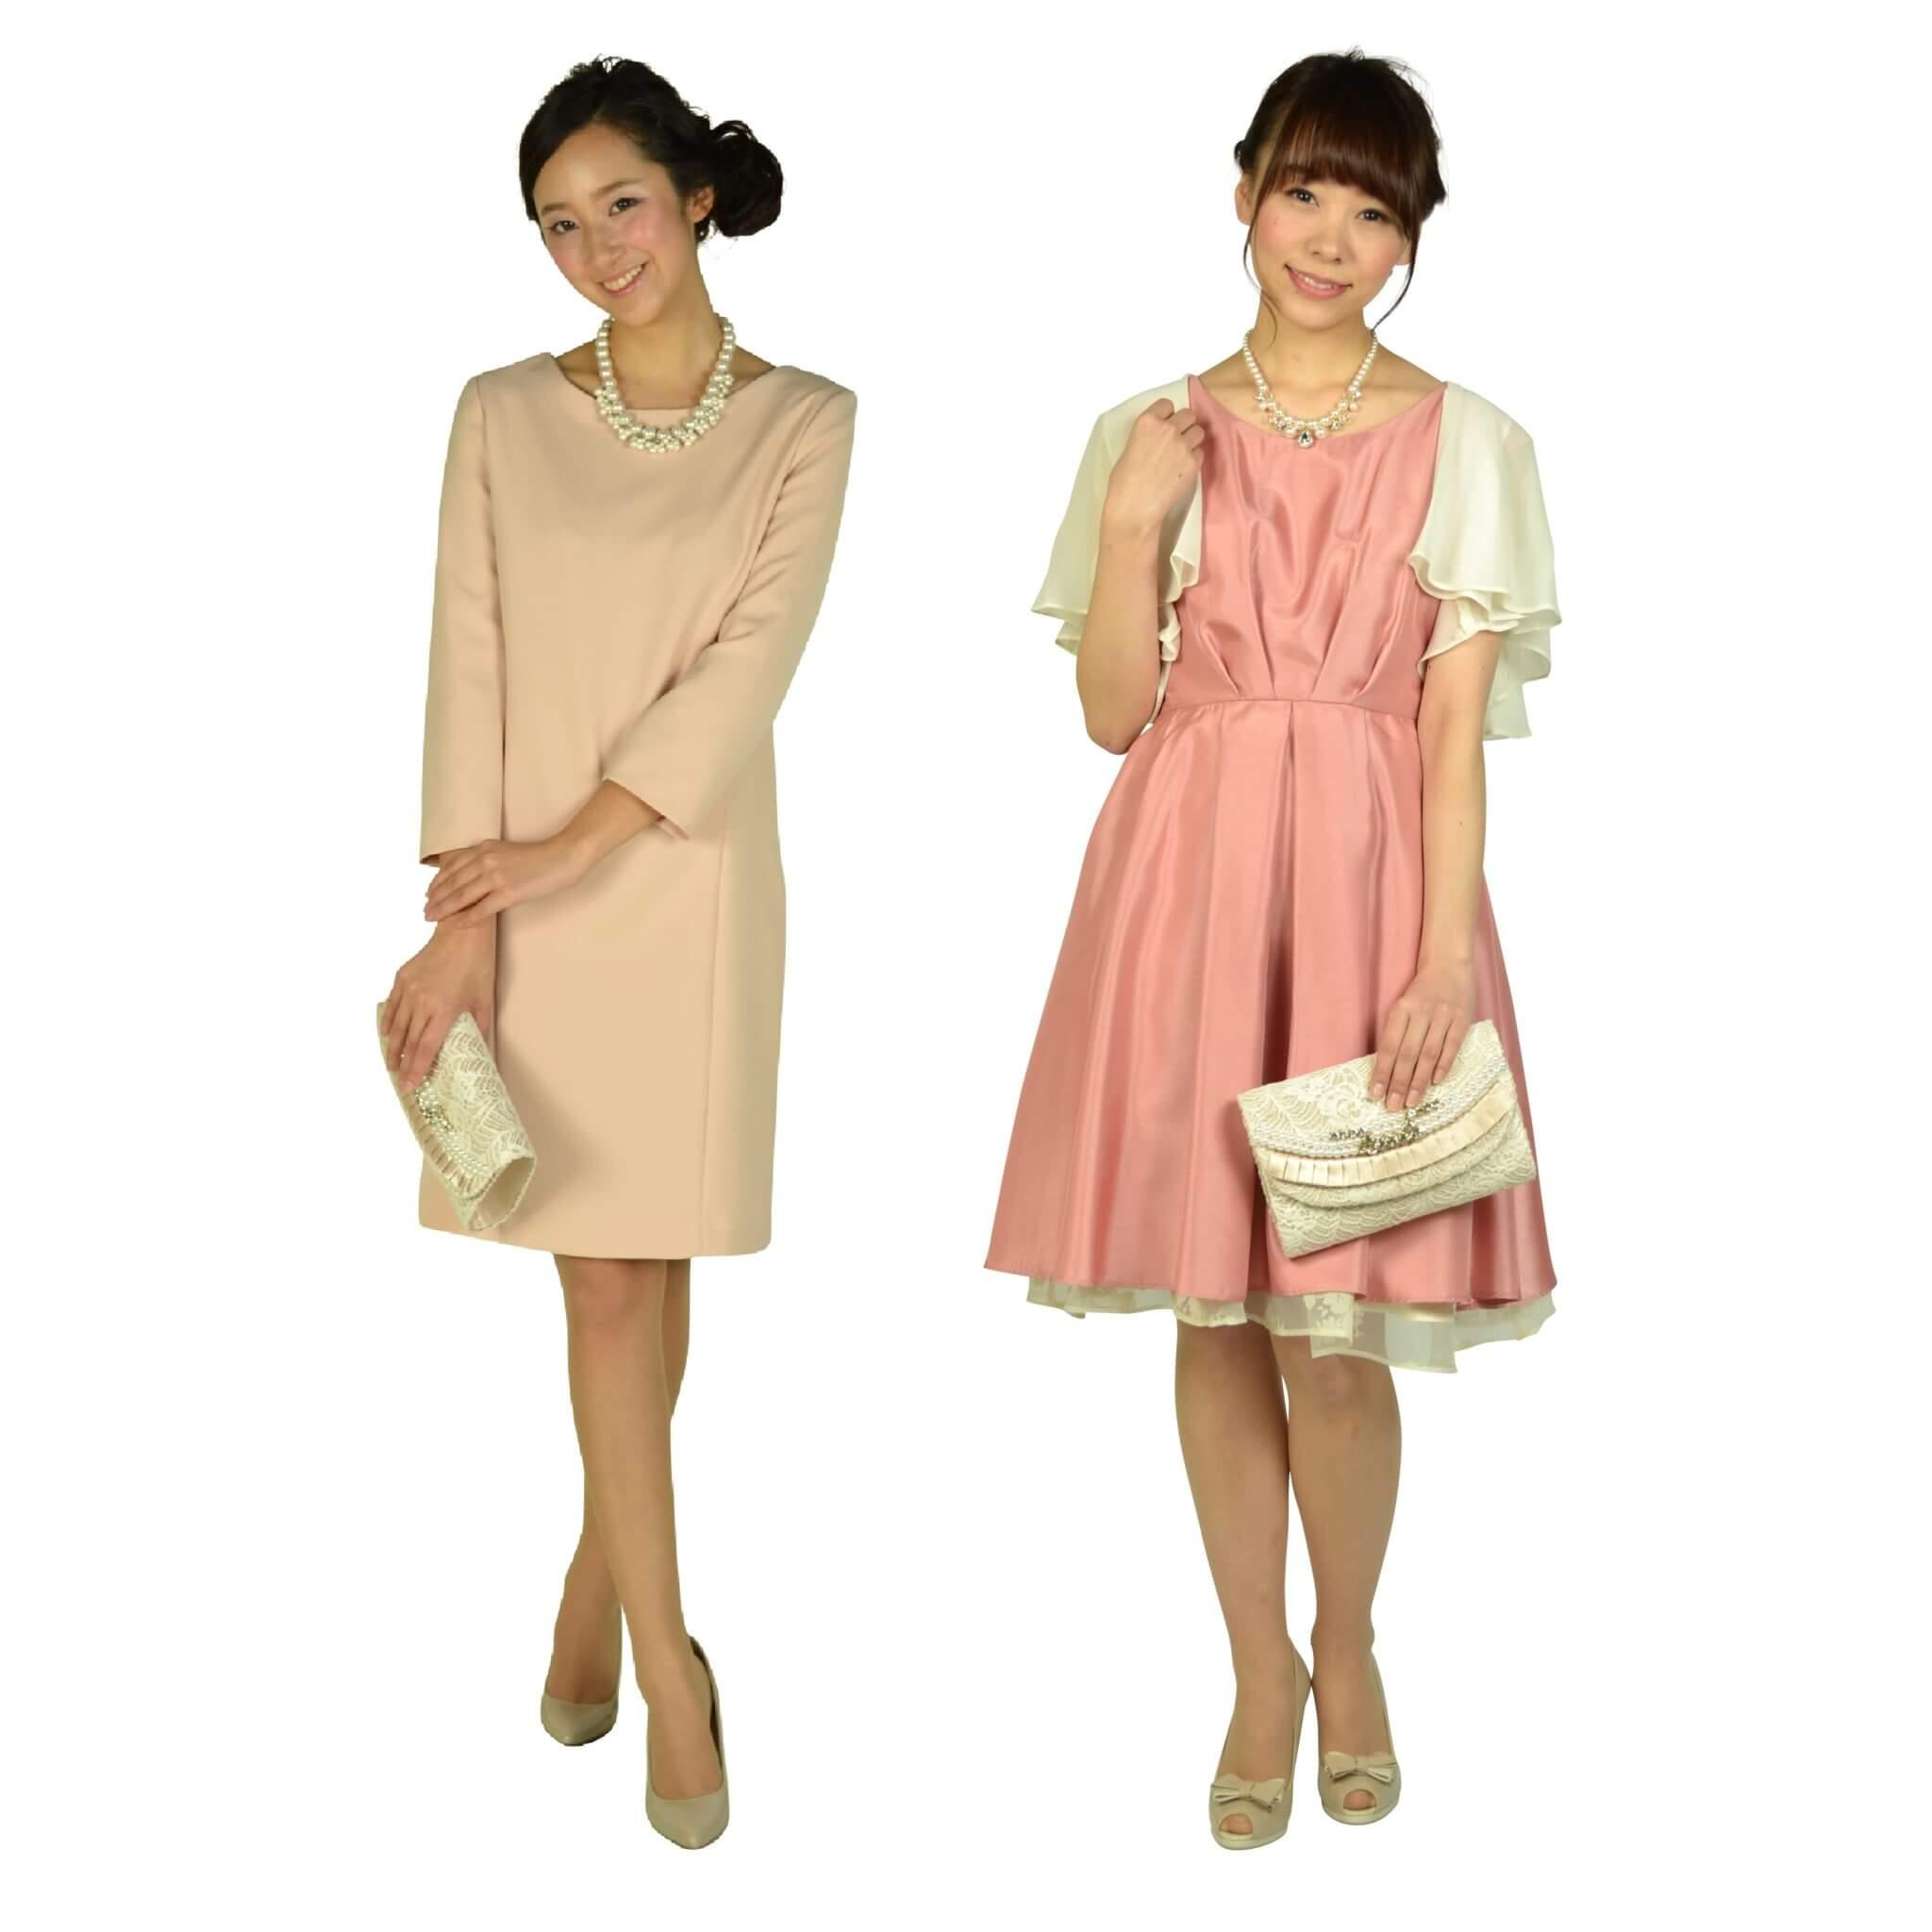 ドレスが明るめカラーのときは華やぎ感ある印象に